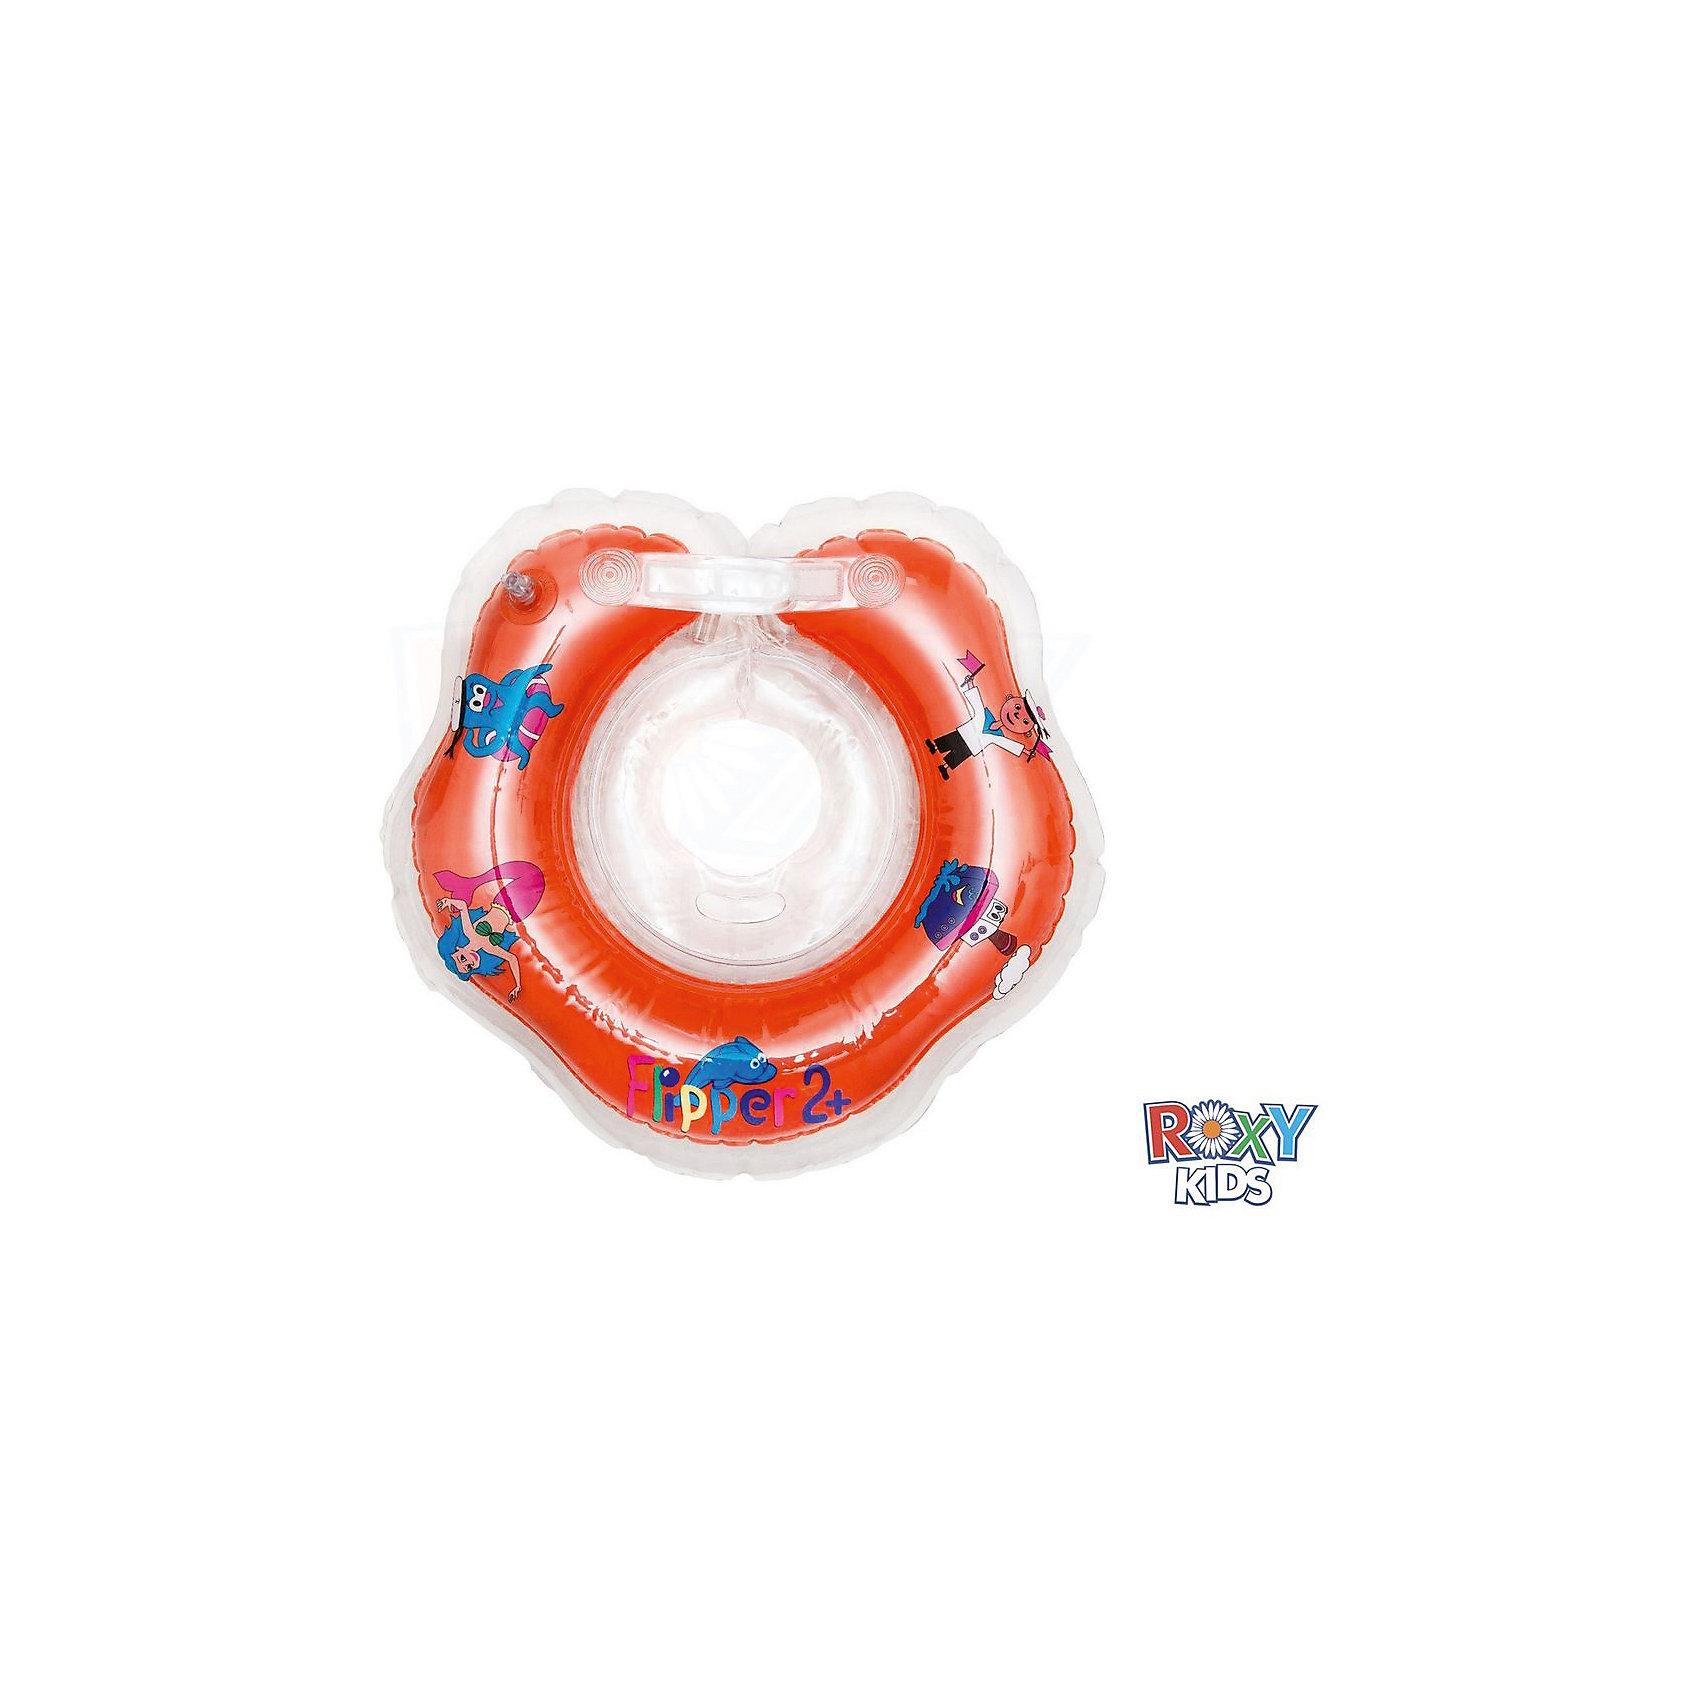 Надувной круг на шею Flipper 2+  для купания малышей, Roxy-KidsНадувной круг на шею Flipper 2+  для купания малышей, Roxy-Kids.<br>Круг Flipper 2+ с увеличенным внутренним диаметром. Плавательный круг сделан специально для малышей – от 1,5 до 7 лет, весом до 25 кг, которые смогут плавать самостоятельно, без поддержки взрослых. <br>Круг совершенно безопасный, великолепно стимулируют природный плавательный рефлекс. Облегчает родителям процесс купания малыша: малыш плавает сам! <br>Надежная удобная фиксация обеспечивается удобными регулируемыми застежками.  Круги обеспечивают наиболее удобное и правильное положение для плавания. Именно поэтому Flipper 2+ можно использовать для купания в бассейне и на море.<br>Интересен и дизайн круга: яркий оранжевый цвет более заметный, более безопасный, а забавные картинки понравятся как родителям, так и малышу. <br>Надувной круг на шею Flipper 2+  для купания малышей можно купить в нашем интернет-магазине.<br><br>Ширина мм: 150<br>Глубина мм: 150<br>Высота мм: 50<br>Вес г: 200<br>Возраст от месяцев: 24<br>Возраст до месяцев: 84<br>Пол: Унисекс<br>Возраст: Детский<br>SKU: 3406181